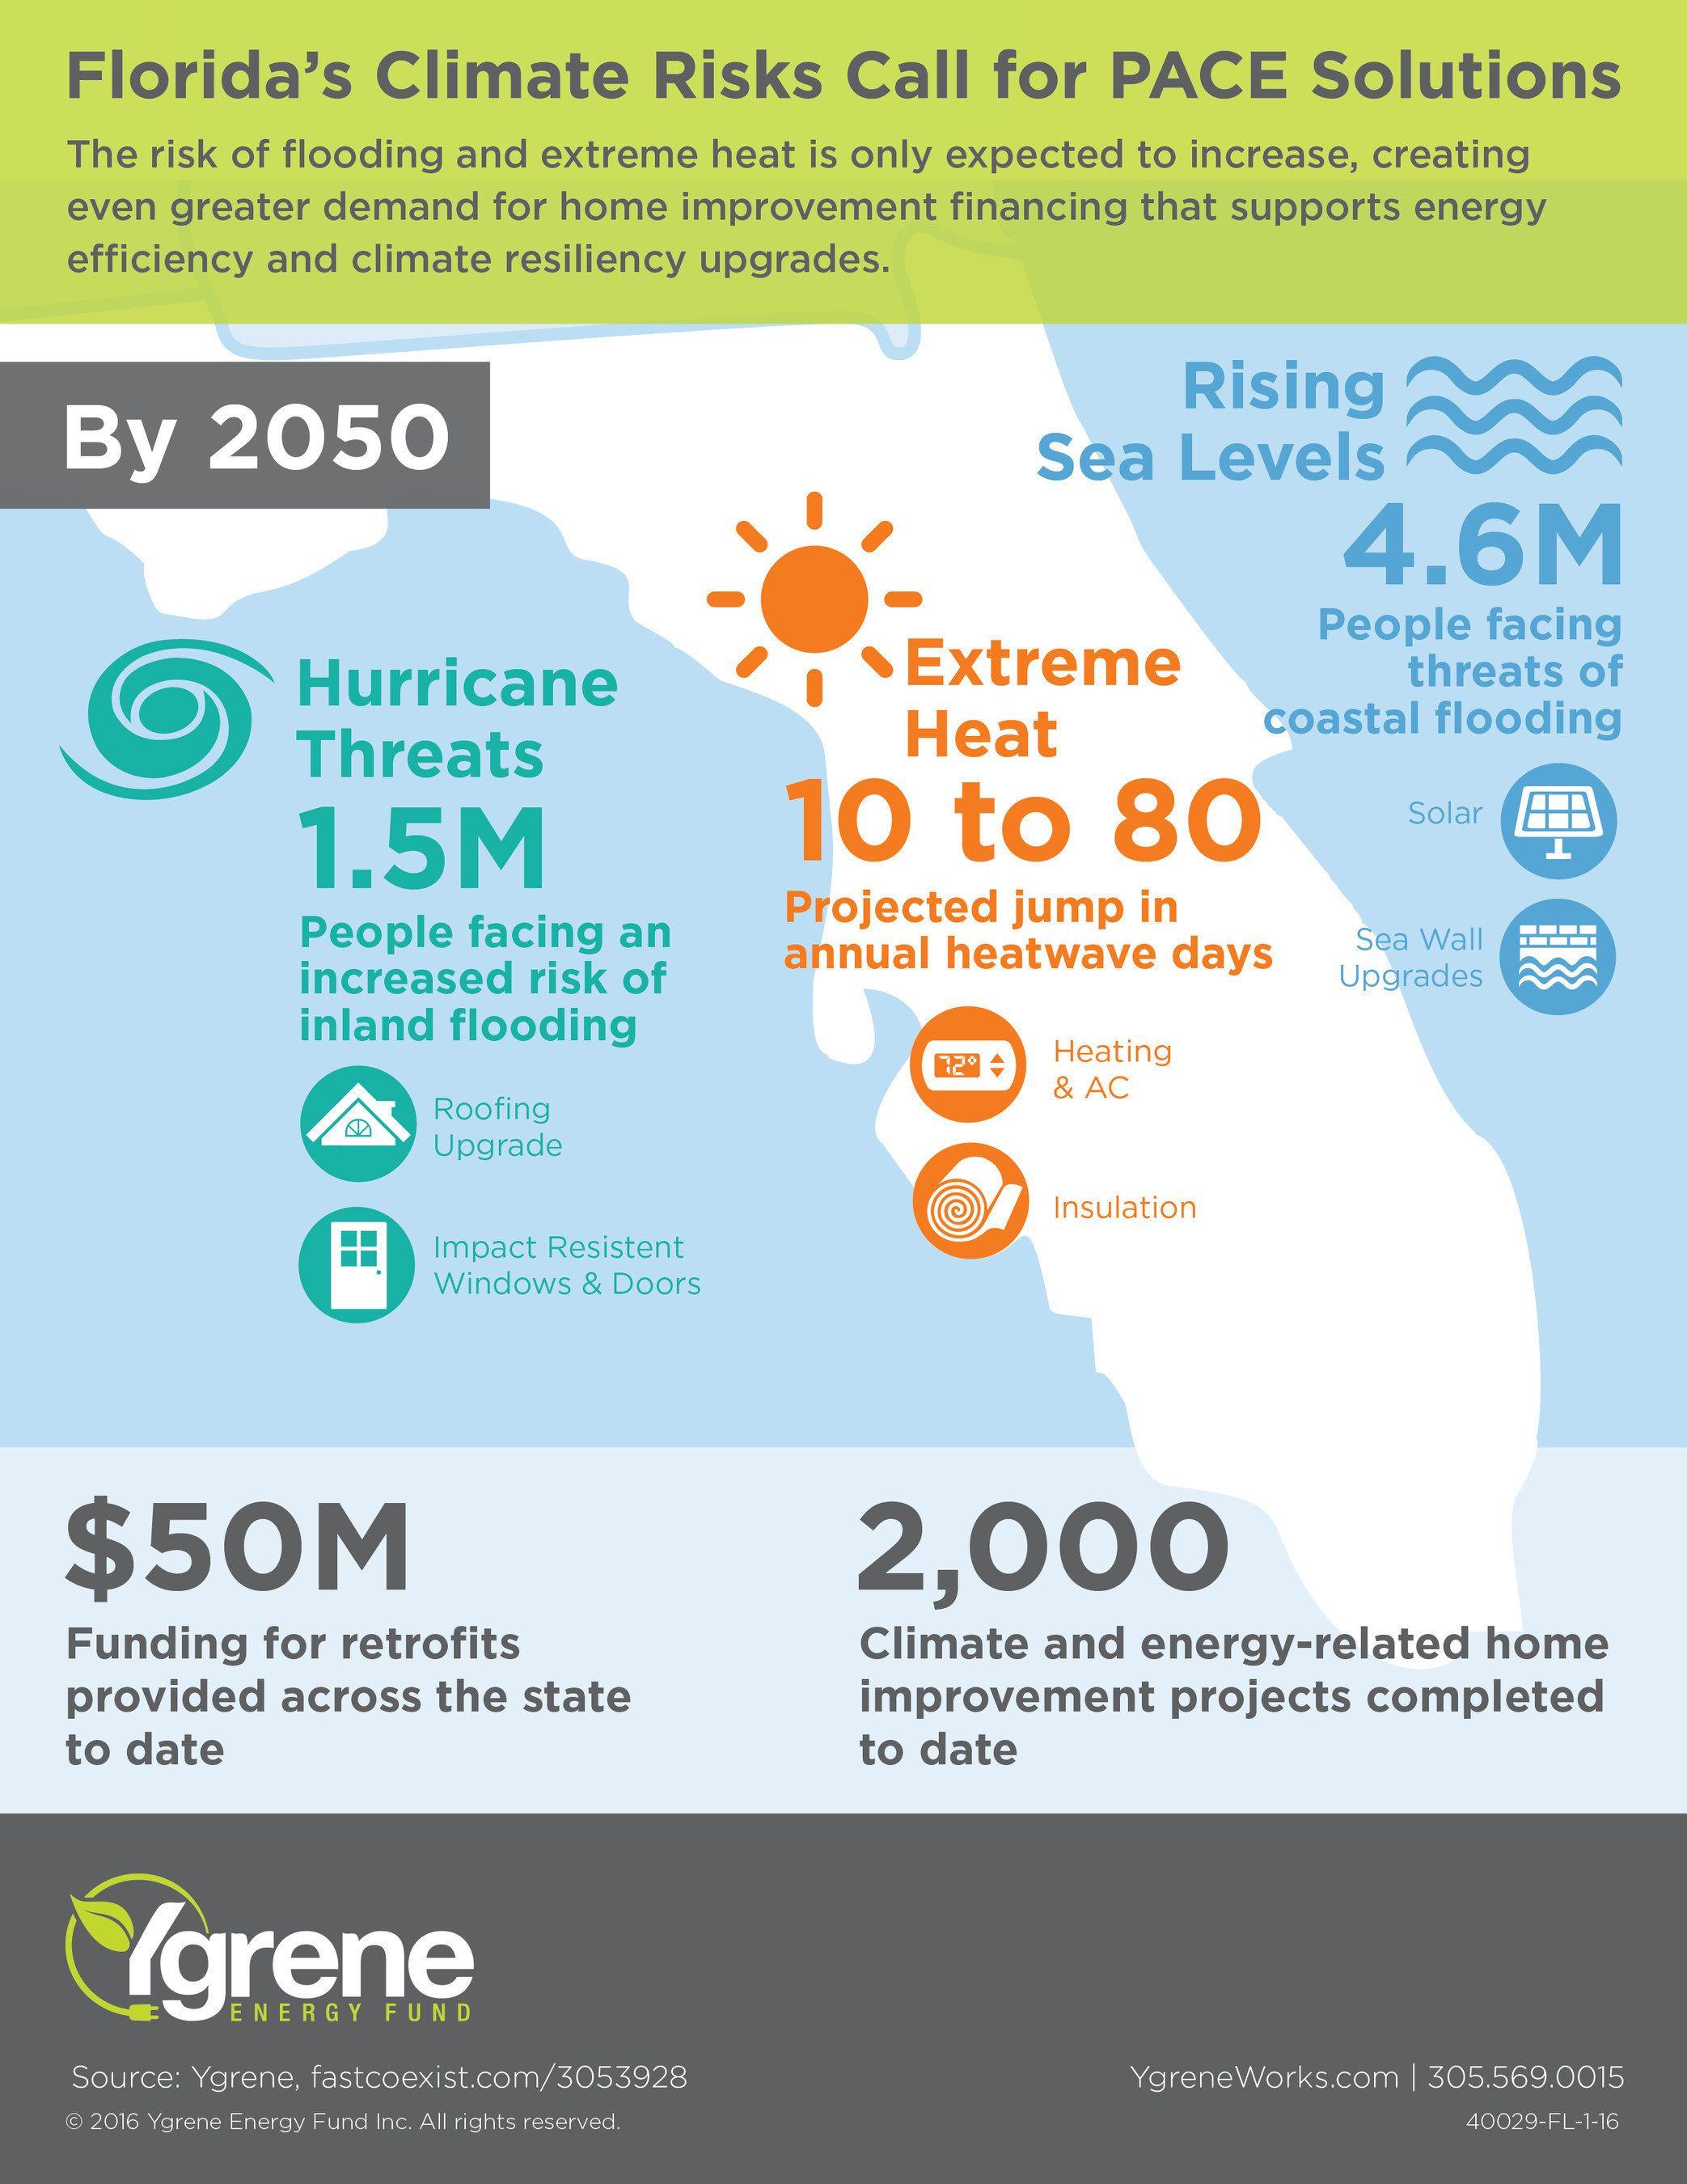 324 Million In Economic Stimuli Across Florida Thanks To